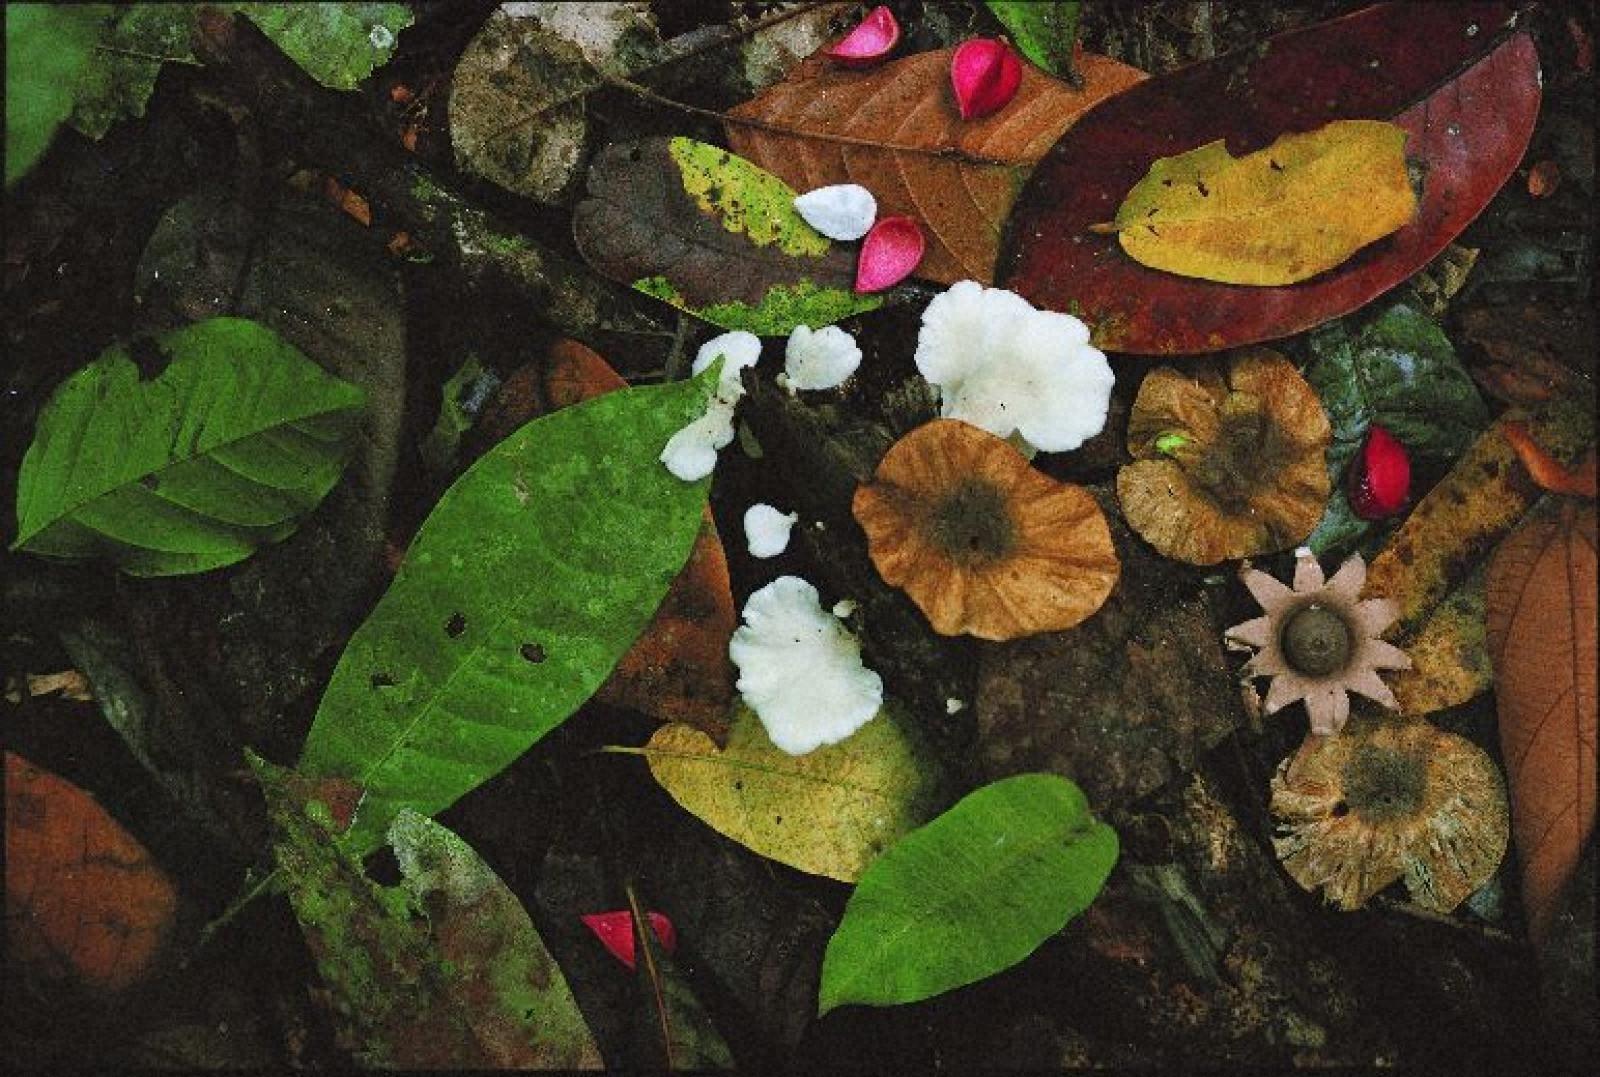 奇跡の惑星・地球 林床を彩るキノコ、コスタリカ